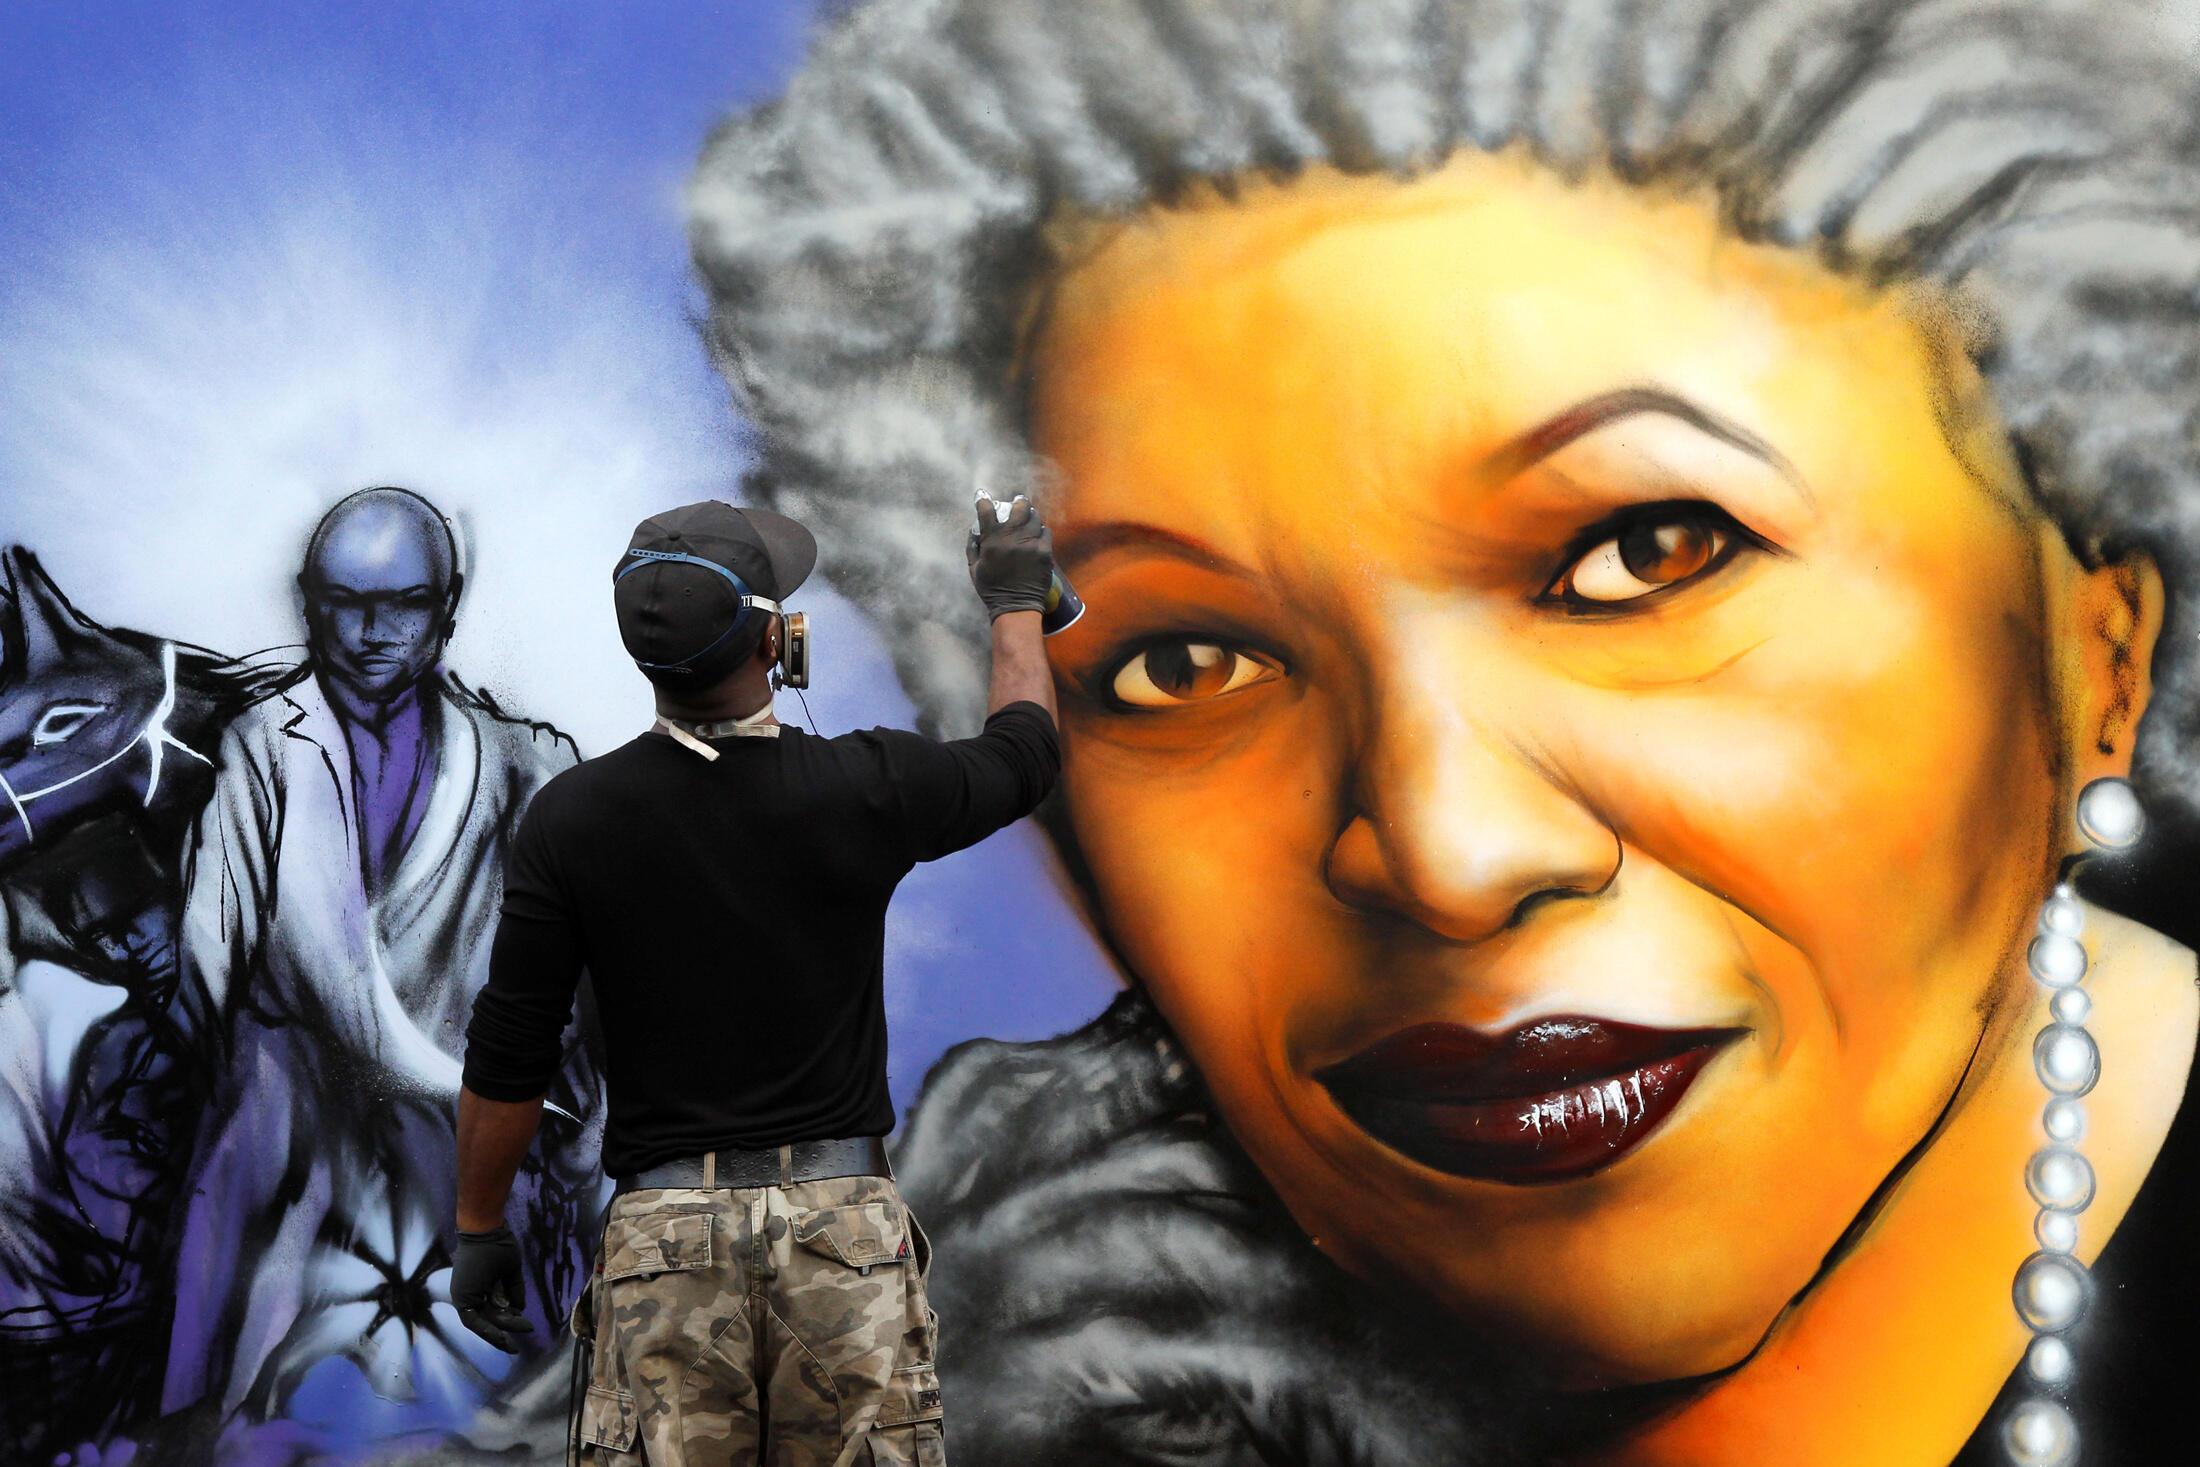 یک هنرمند در حال نقاشی تصویری از موریسون روی دیوار - پاریس 2010